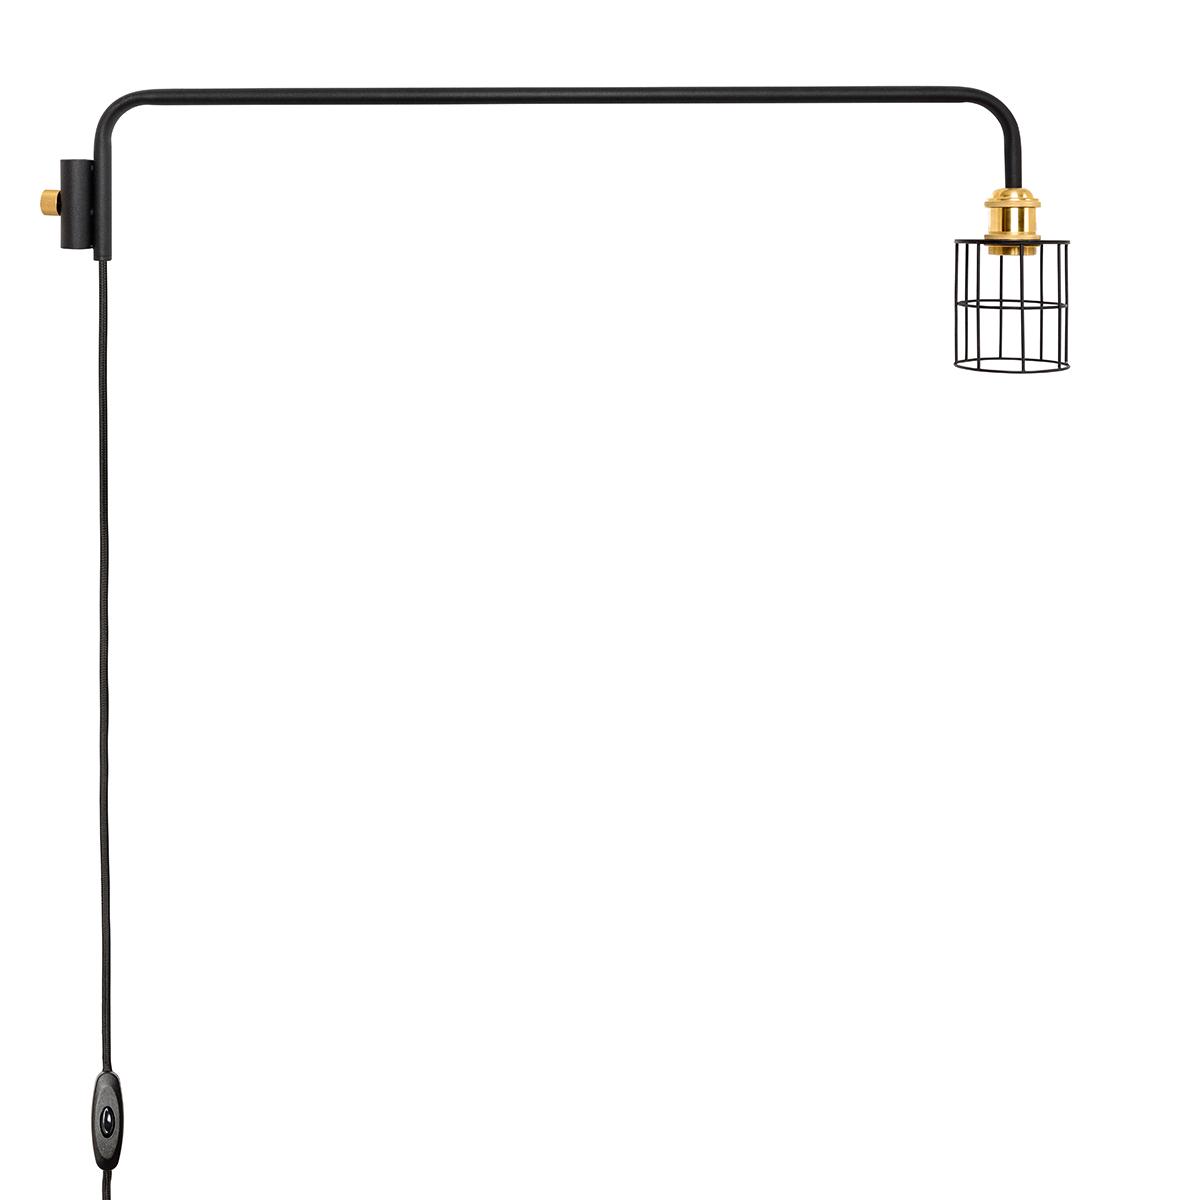 ワイヤーを編んだランプシェードに、91.5cmの長めアームをくっつけた「ランプ」。照明とテーブルがセットできる「つっぱり棒」|DRAW A LINE ランプシリーズ